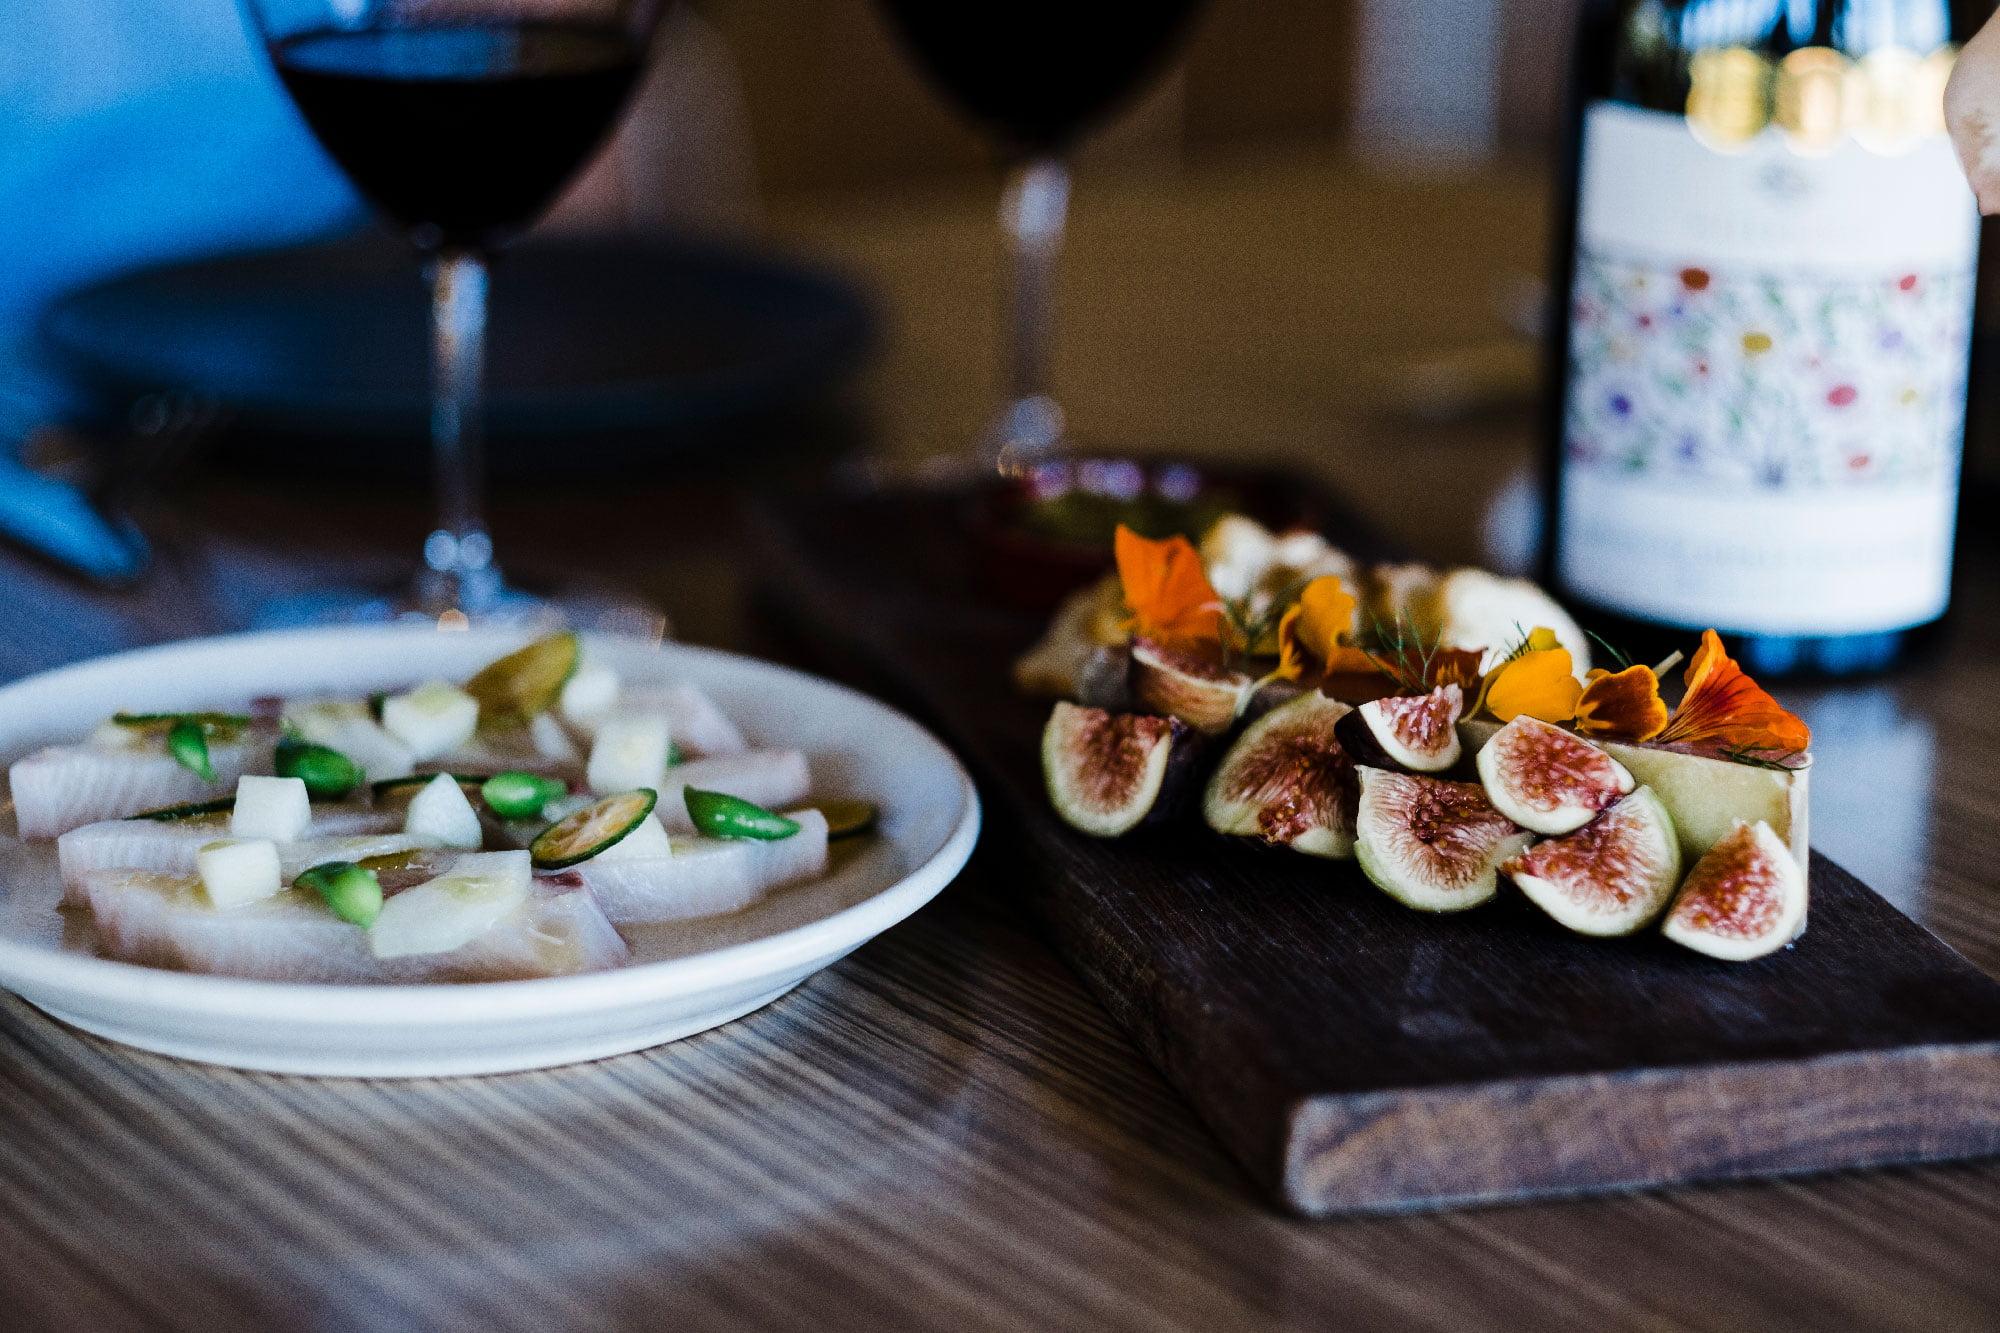 Millbrook-Winery Jarrahdale - Visit Mandurah